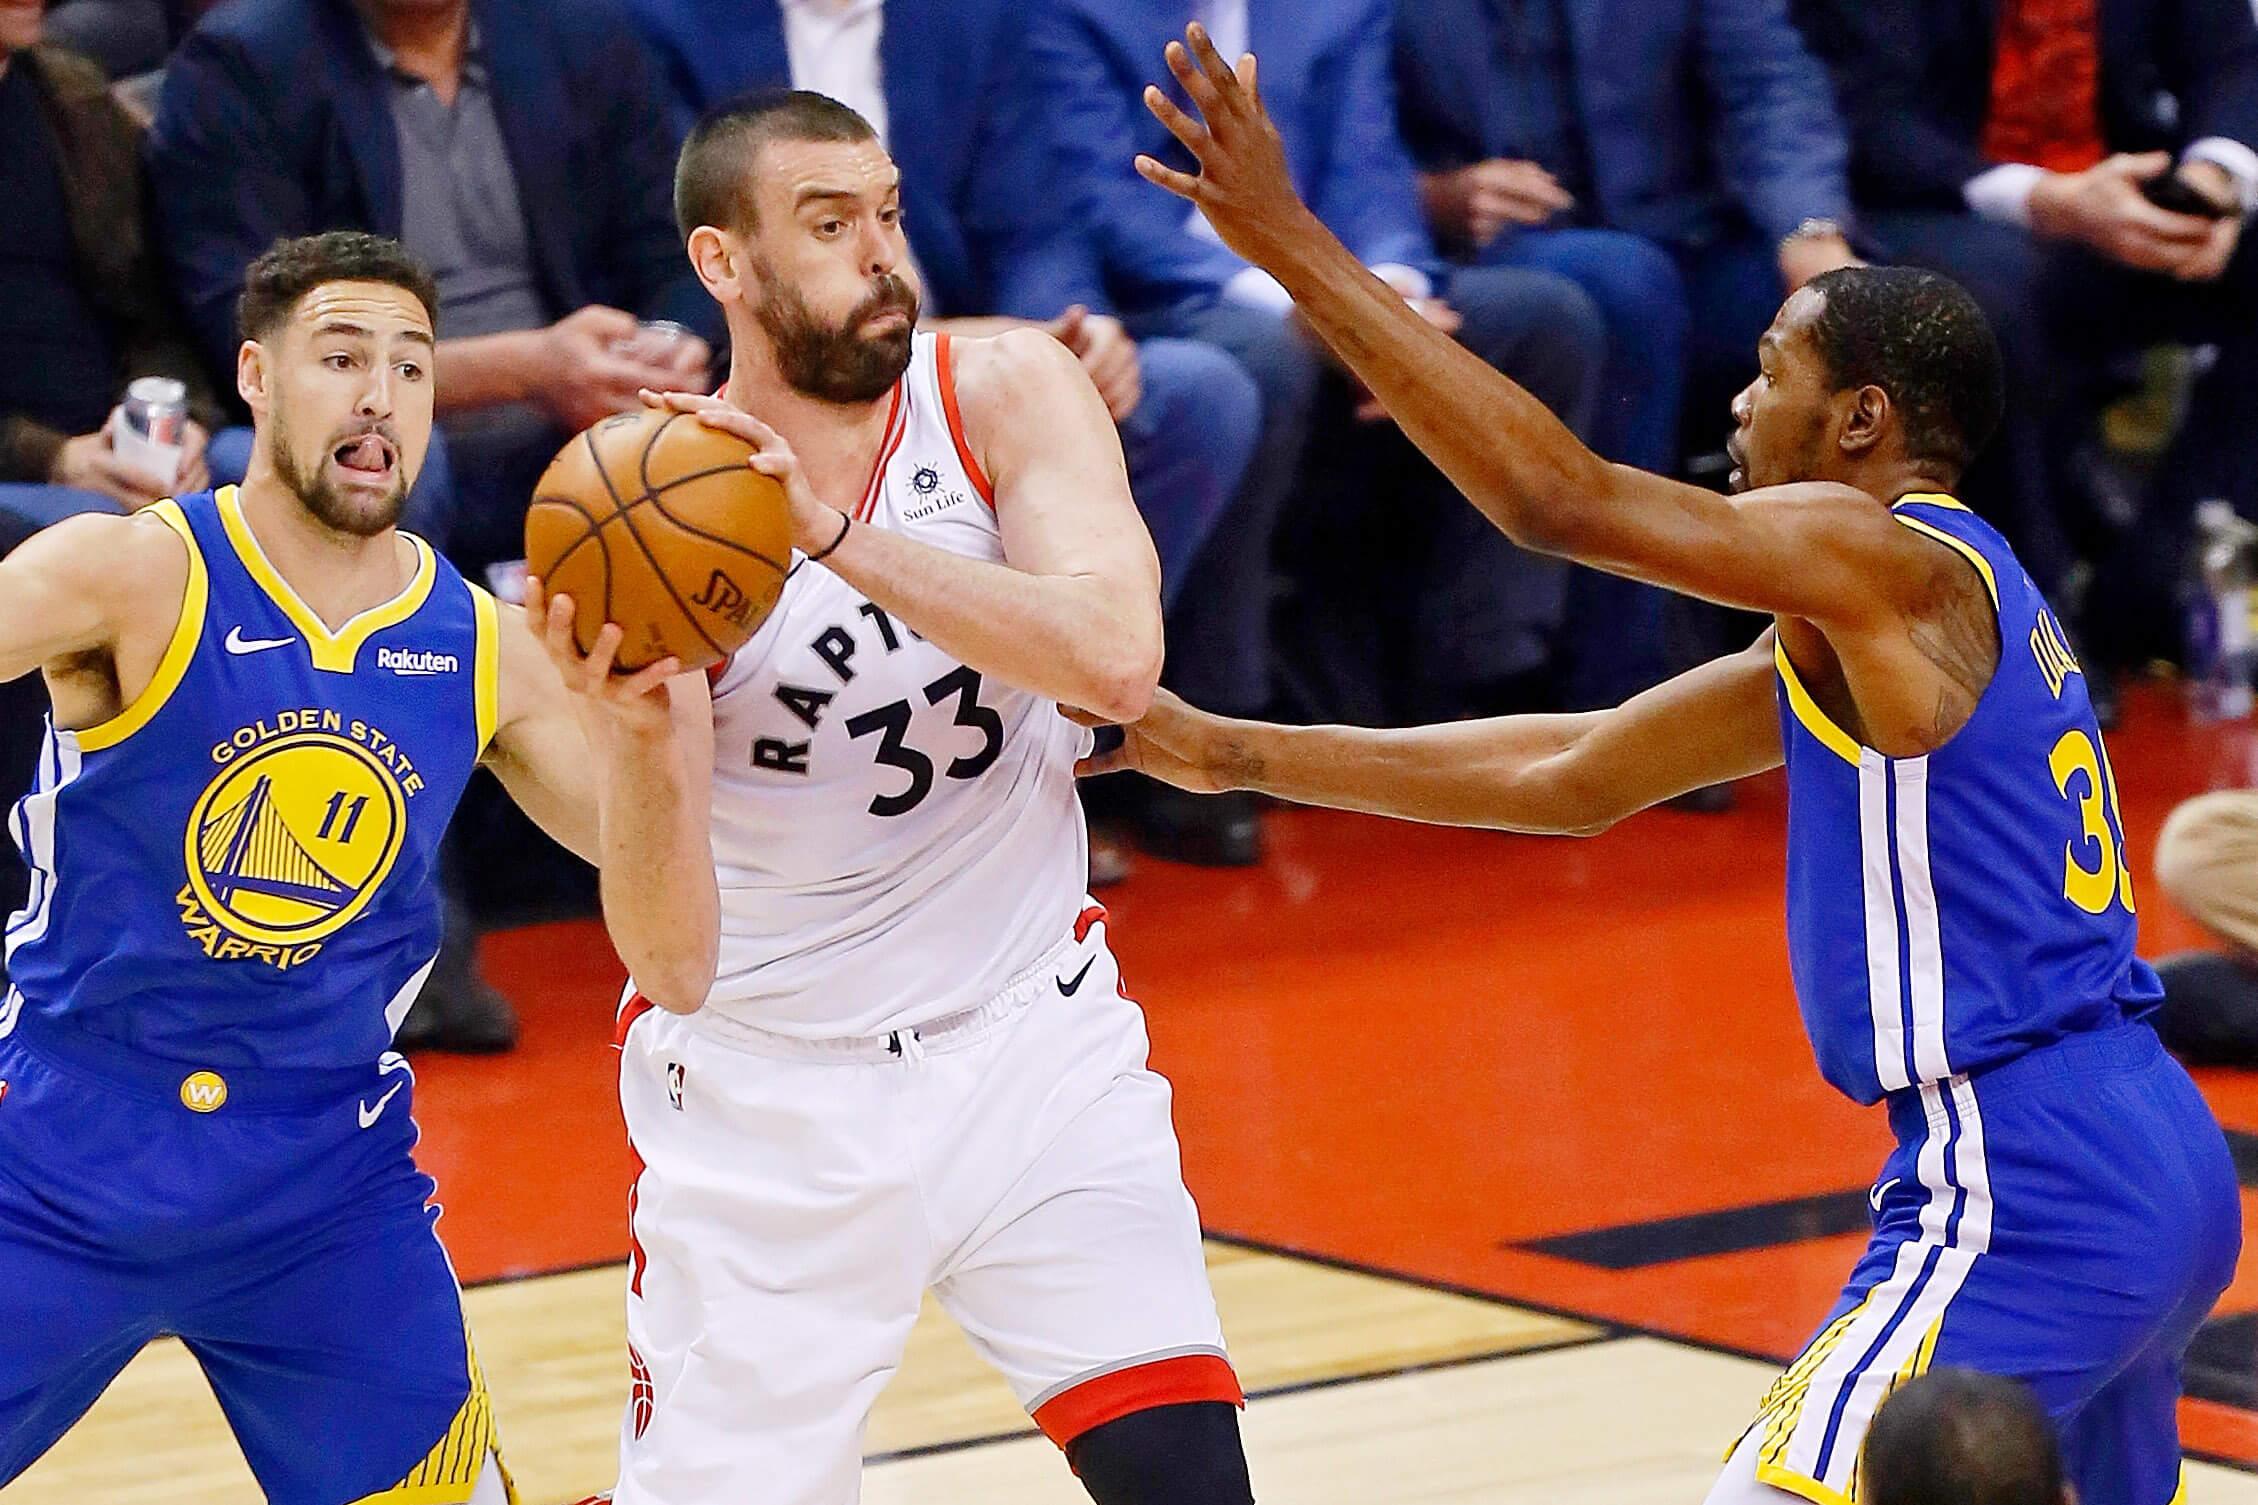 """NBA: Η """"απάντηση"""" των Γουόριορς! Πενταετή συμβόλαια σε Ντουράντ και Τόμπσον"""